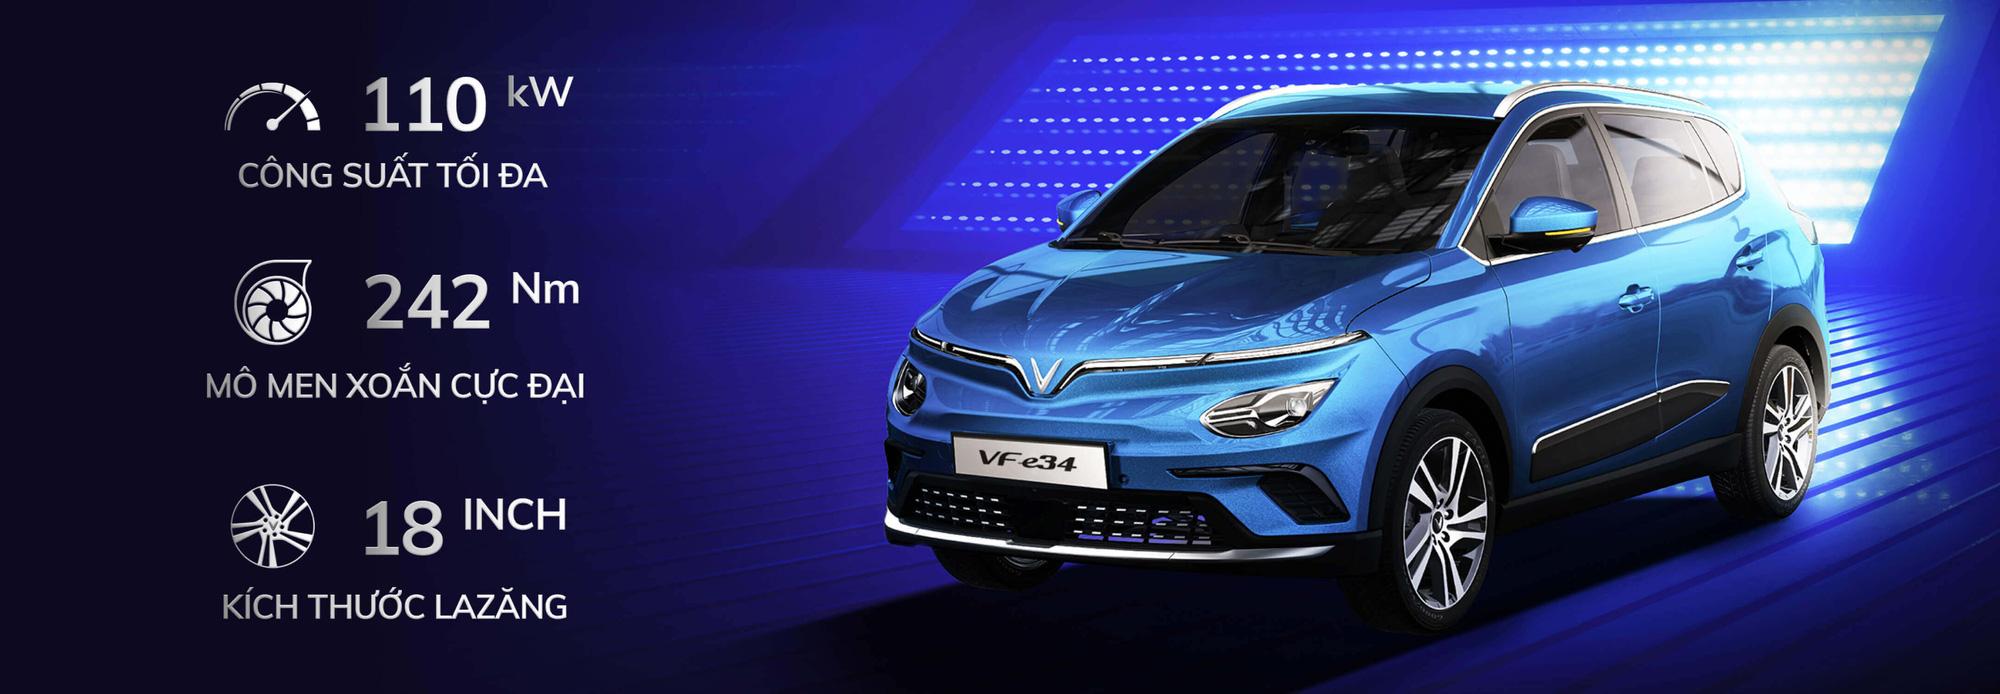 3 ưu điểm an toàn vượt xe xăng của ô tô điện VF34 - Ảnh 1.